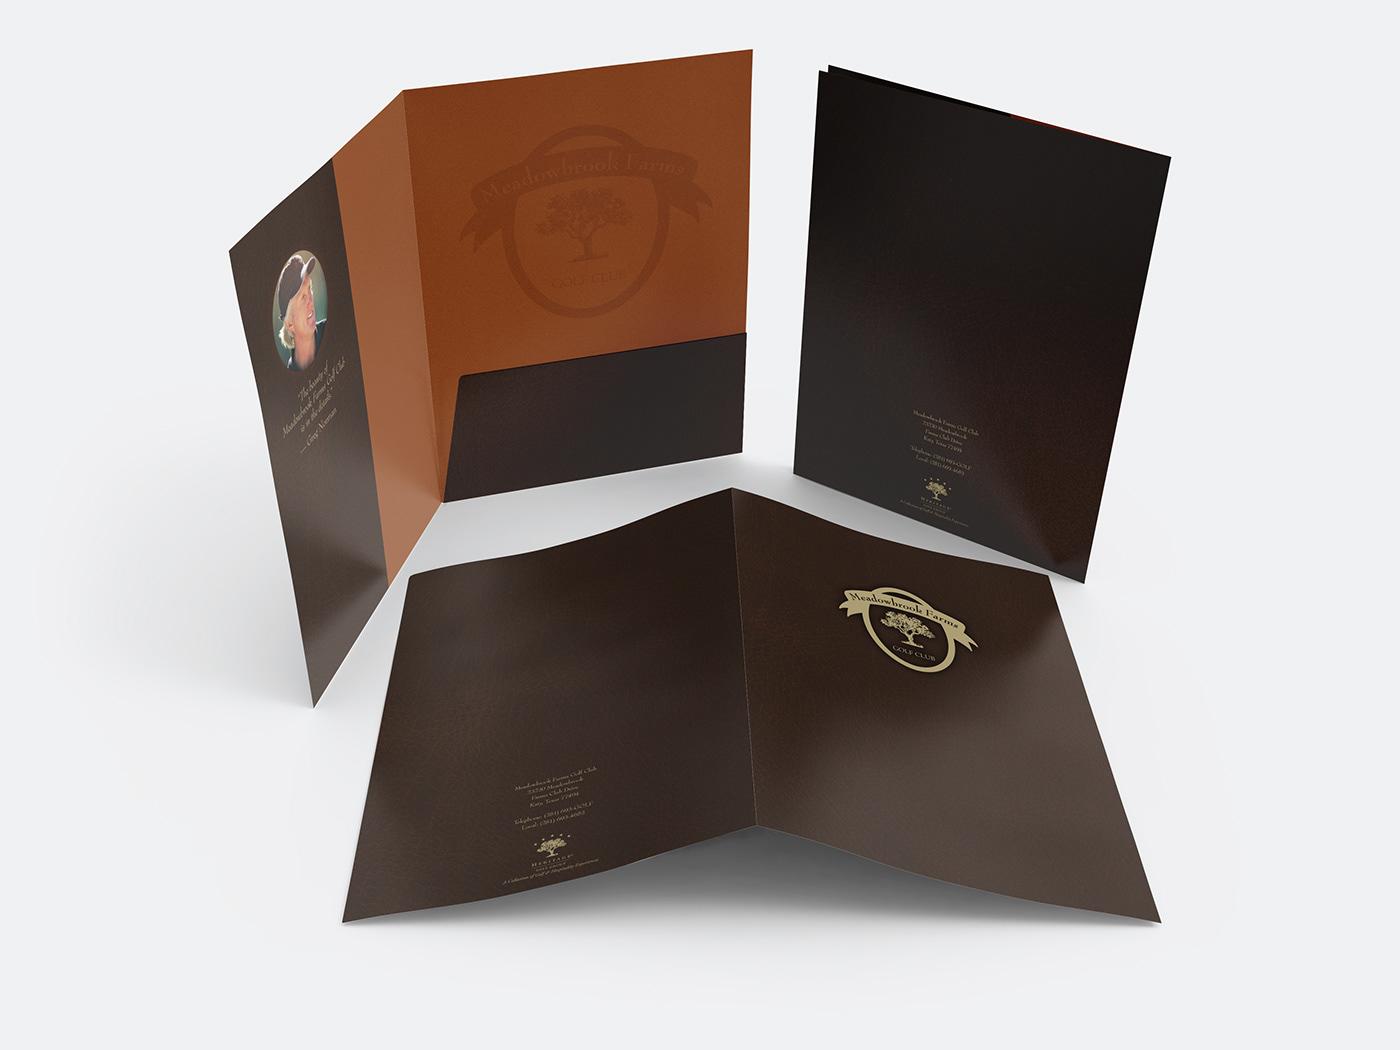 folder,golf,Greg Norman,pocket folder